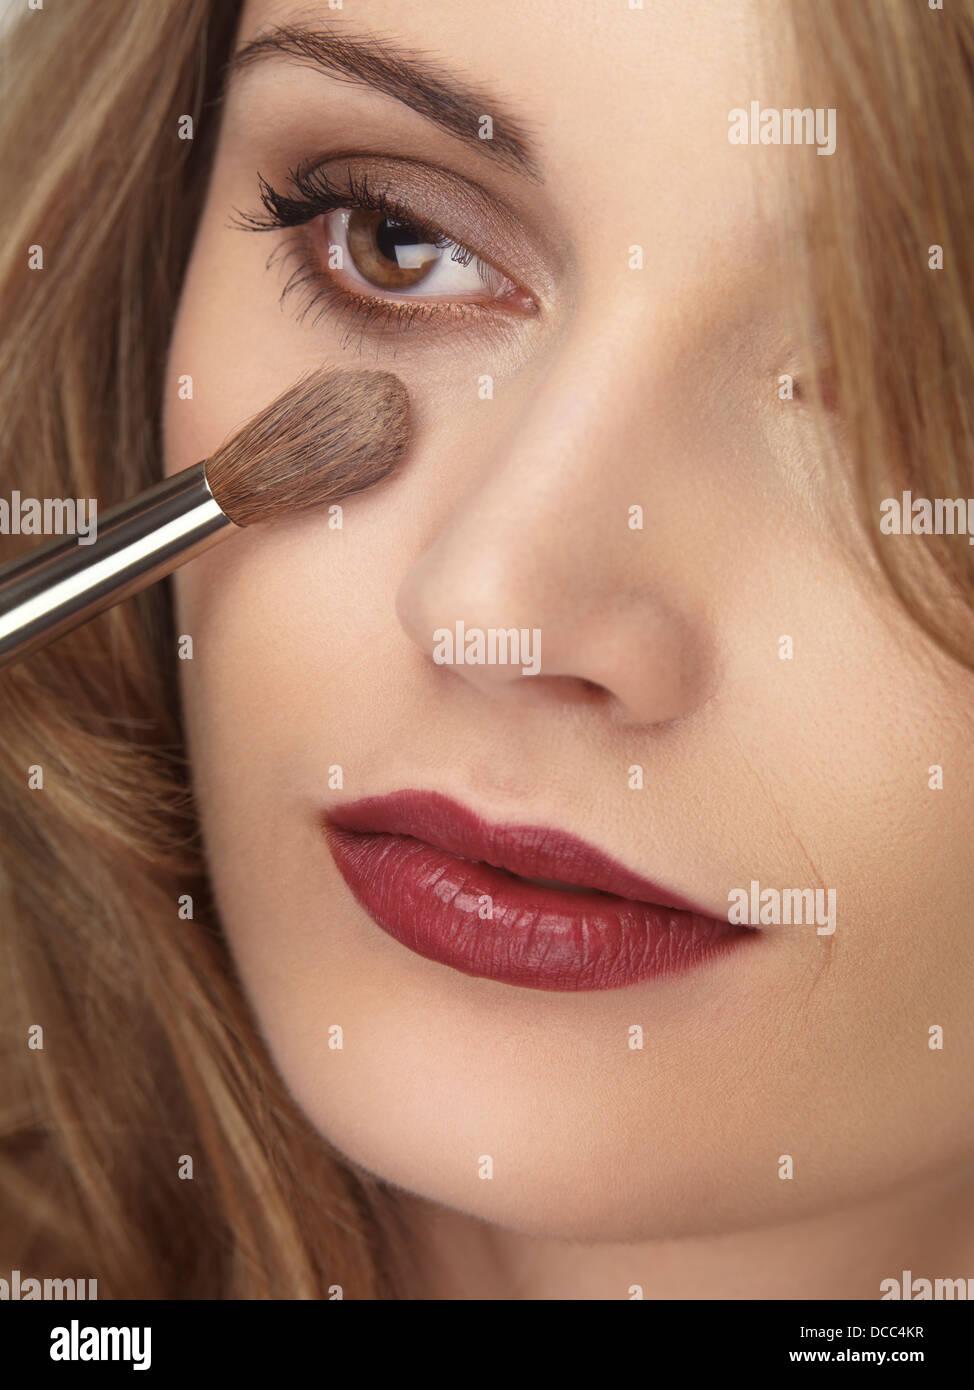 Nahaufnahme von einer jungen Frau Gesicht Foundation mit Make-up Pinsel auftragen Stockbild